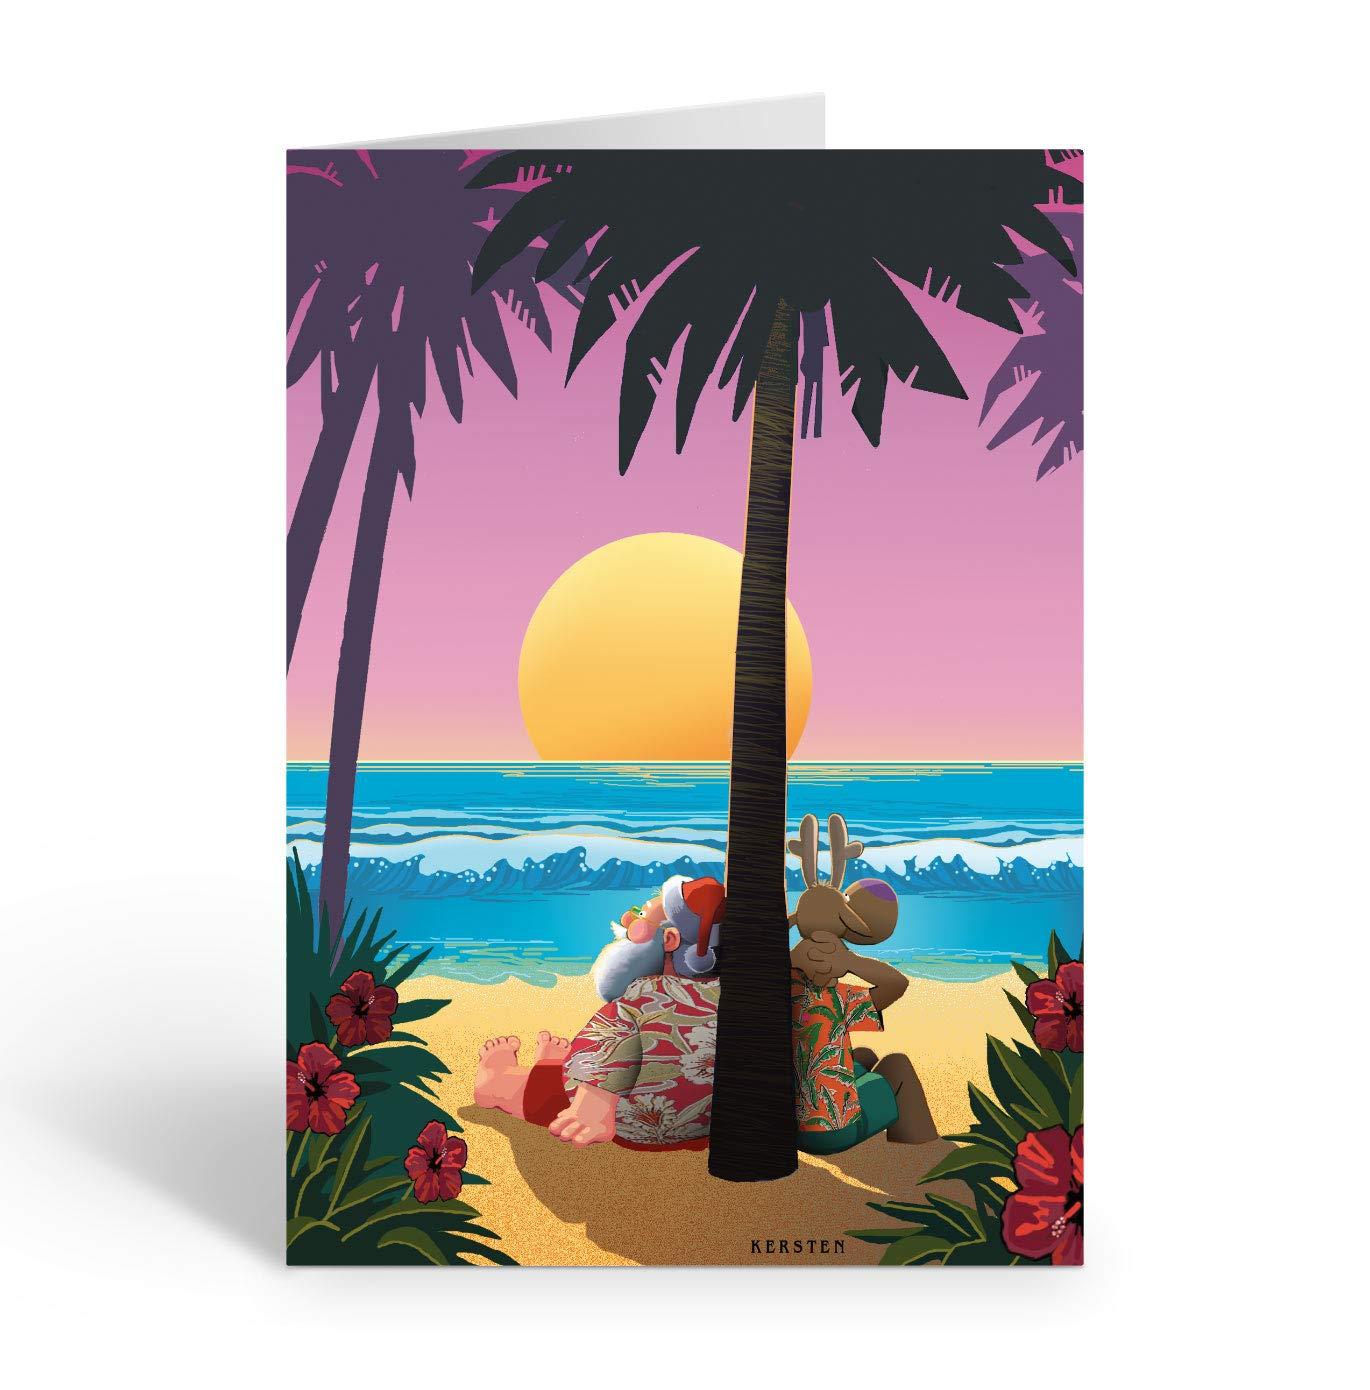 Tropical Christmas.Tropical Sunset Christmas Card 18 Beach Tropical Christmas Cards And Envelopes Standard